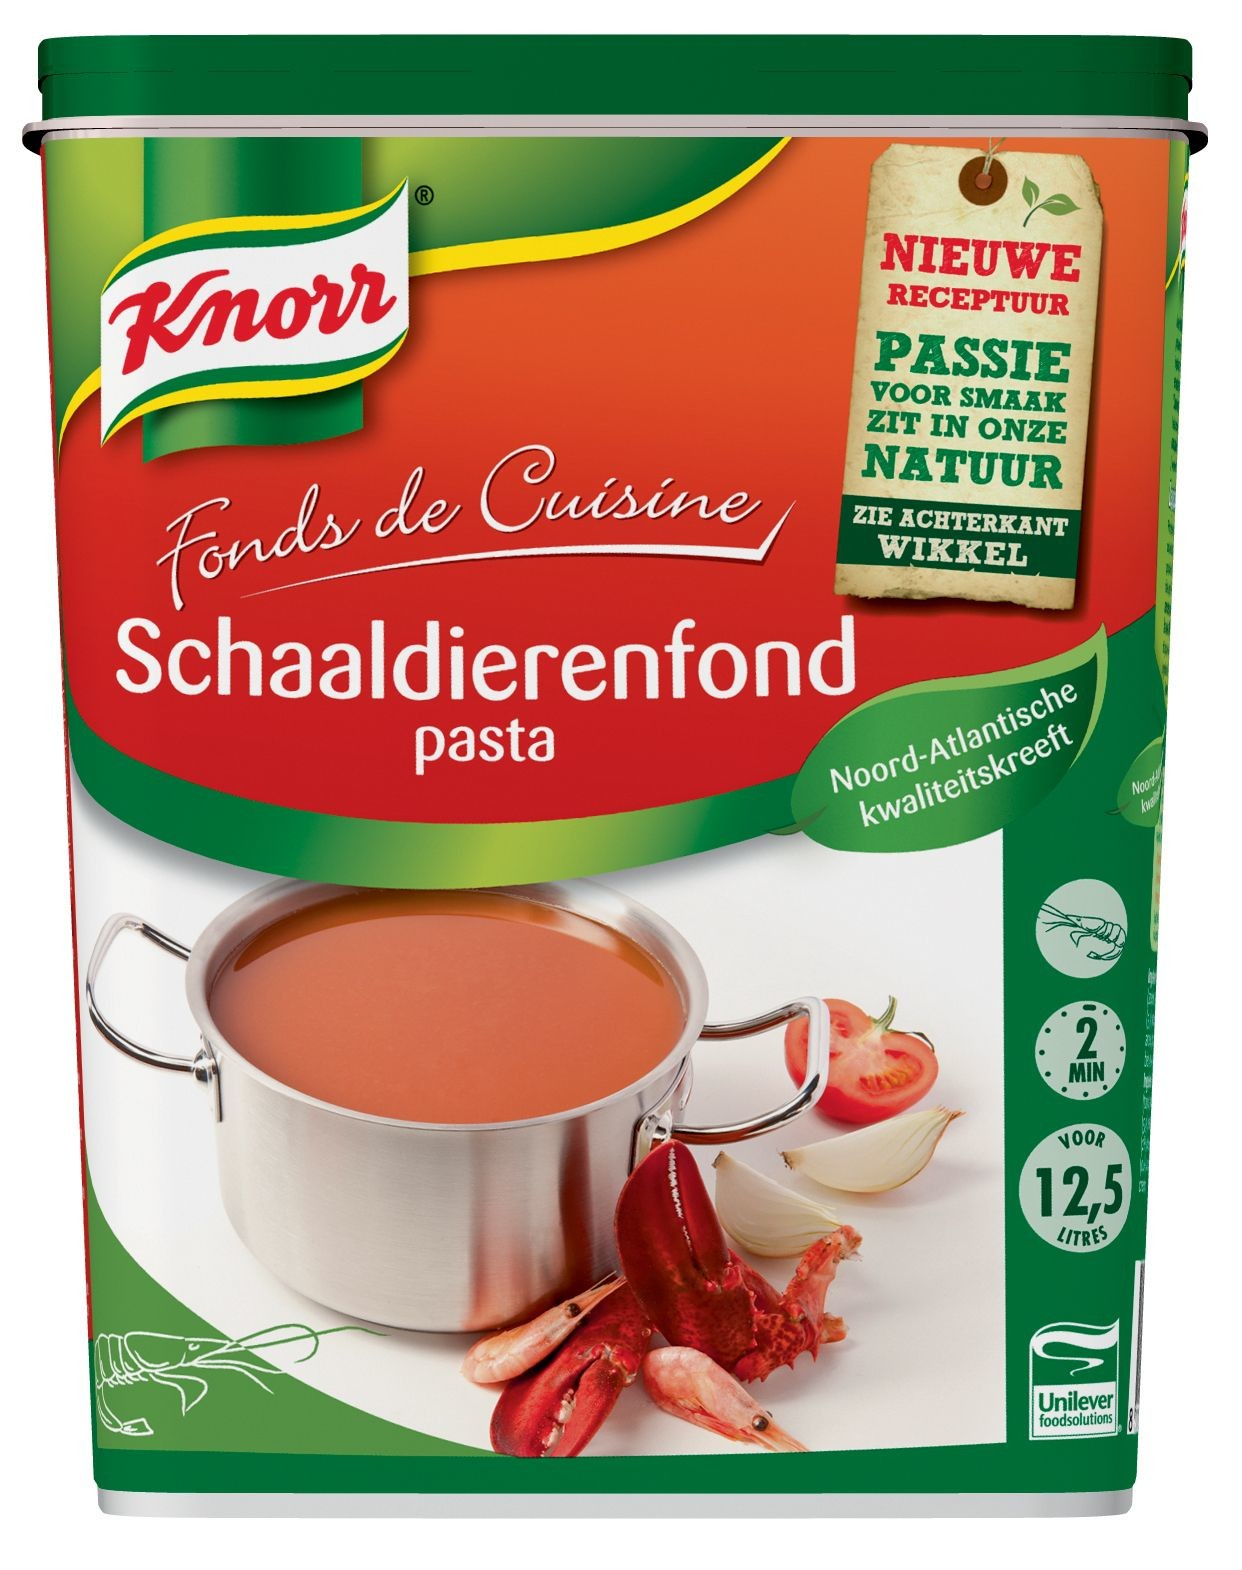 Knorr schaaldieren fond pasta 1kg